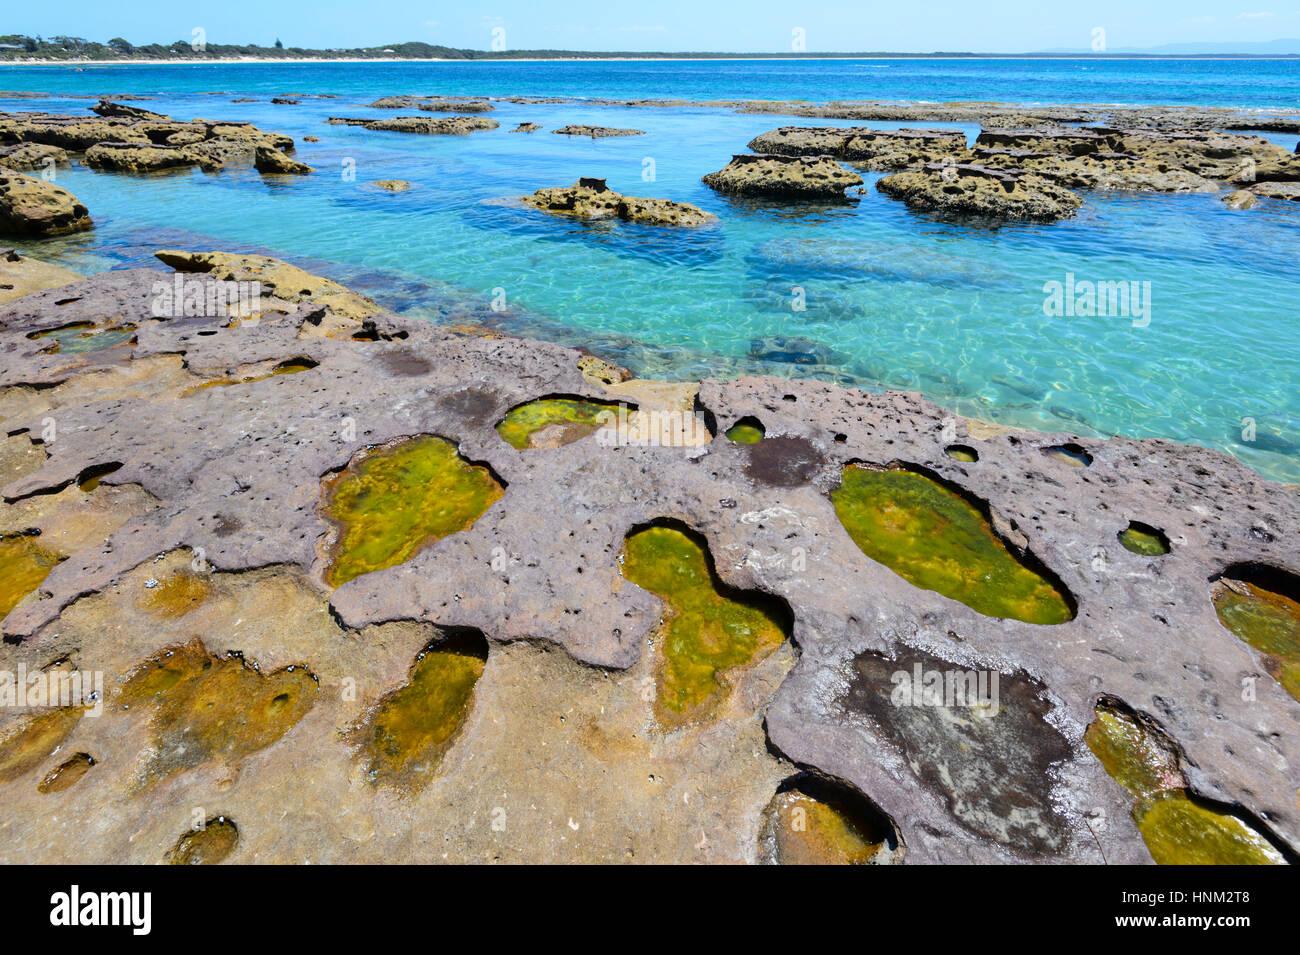 Arenaria incredibili formazioni rocciose presso la spiaggia panoramica di Currarong, area di Shoalhaven, Nuovo Galles Immagini Stock